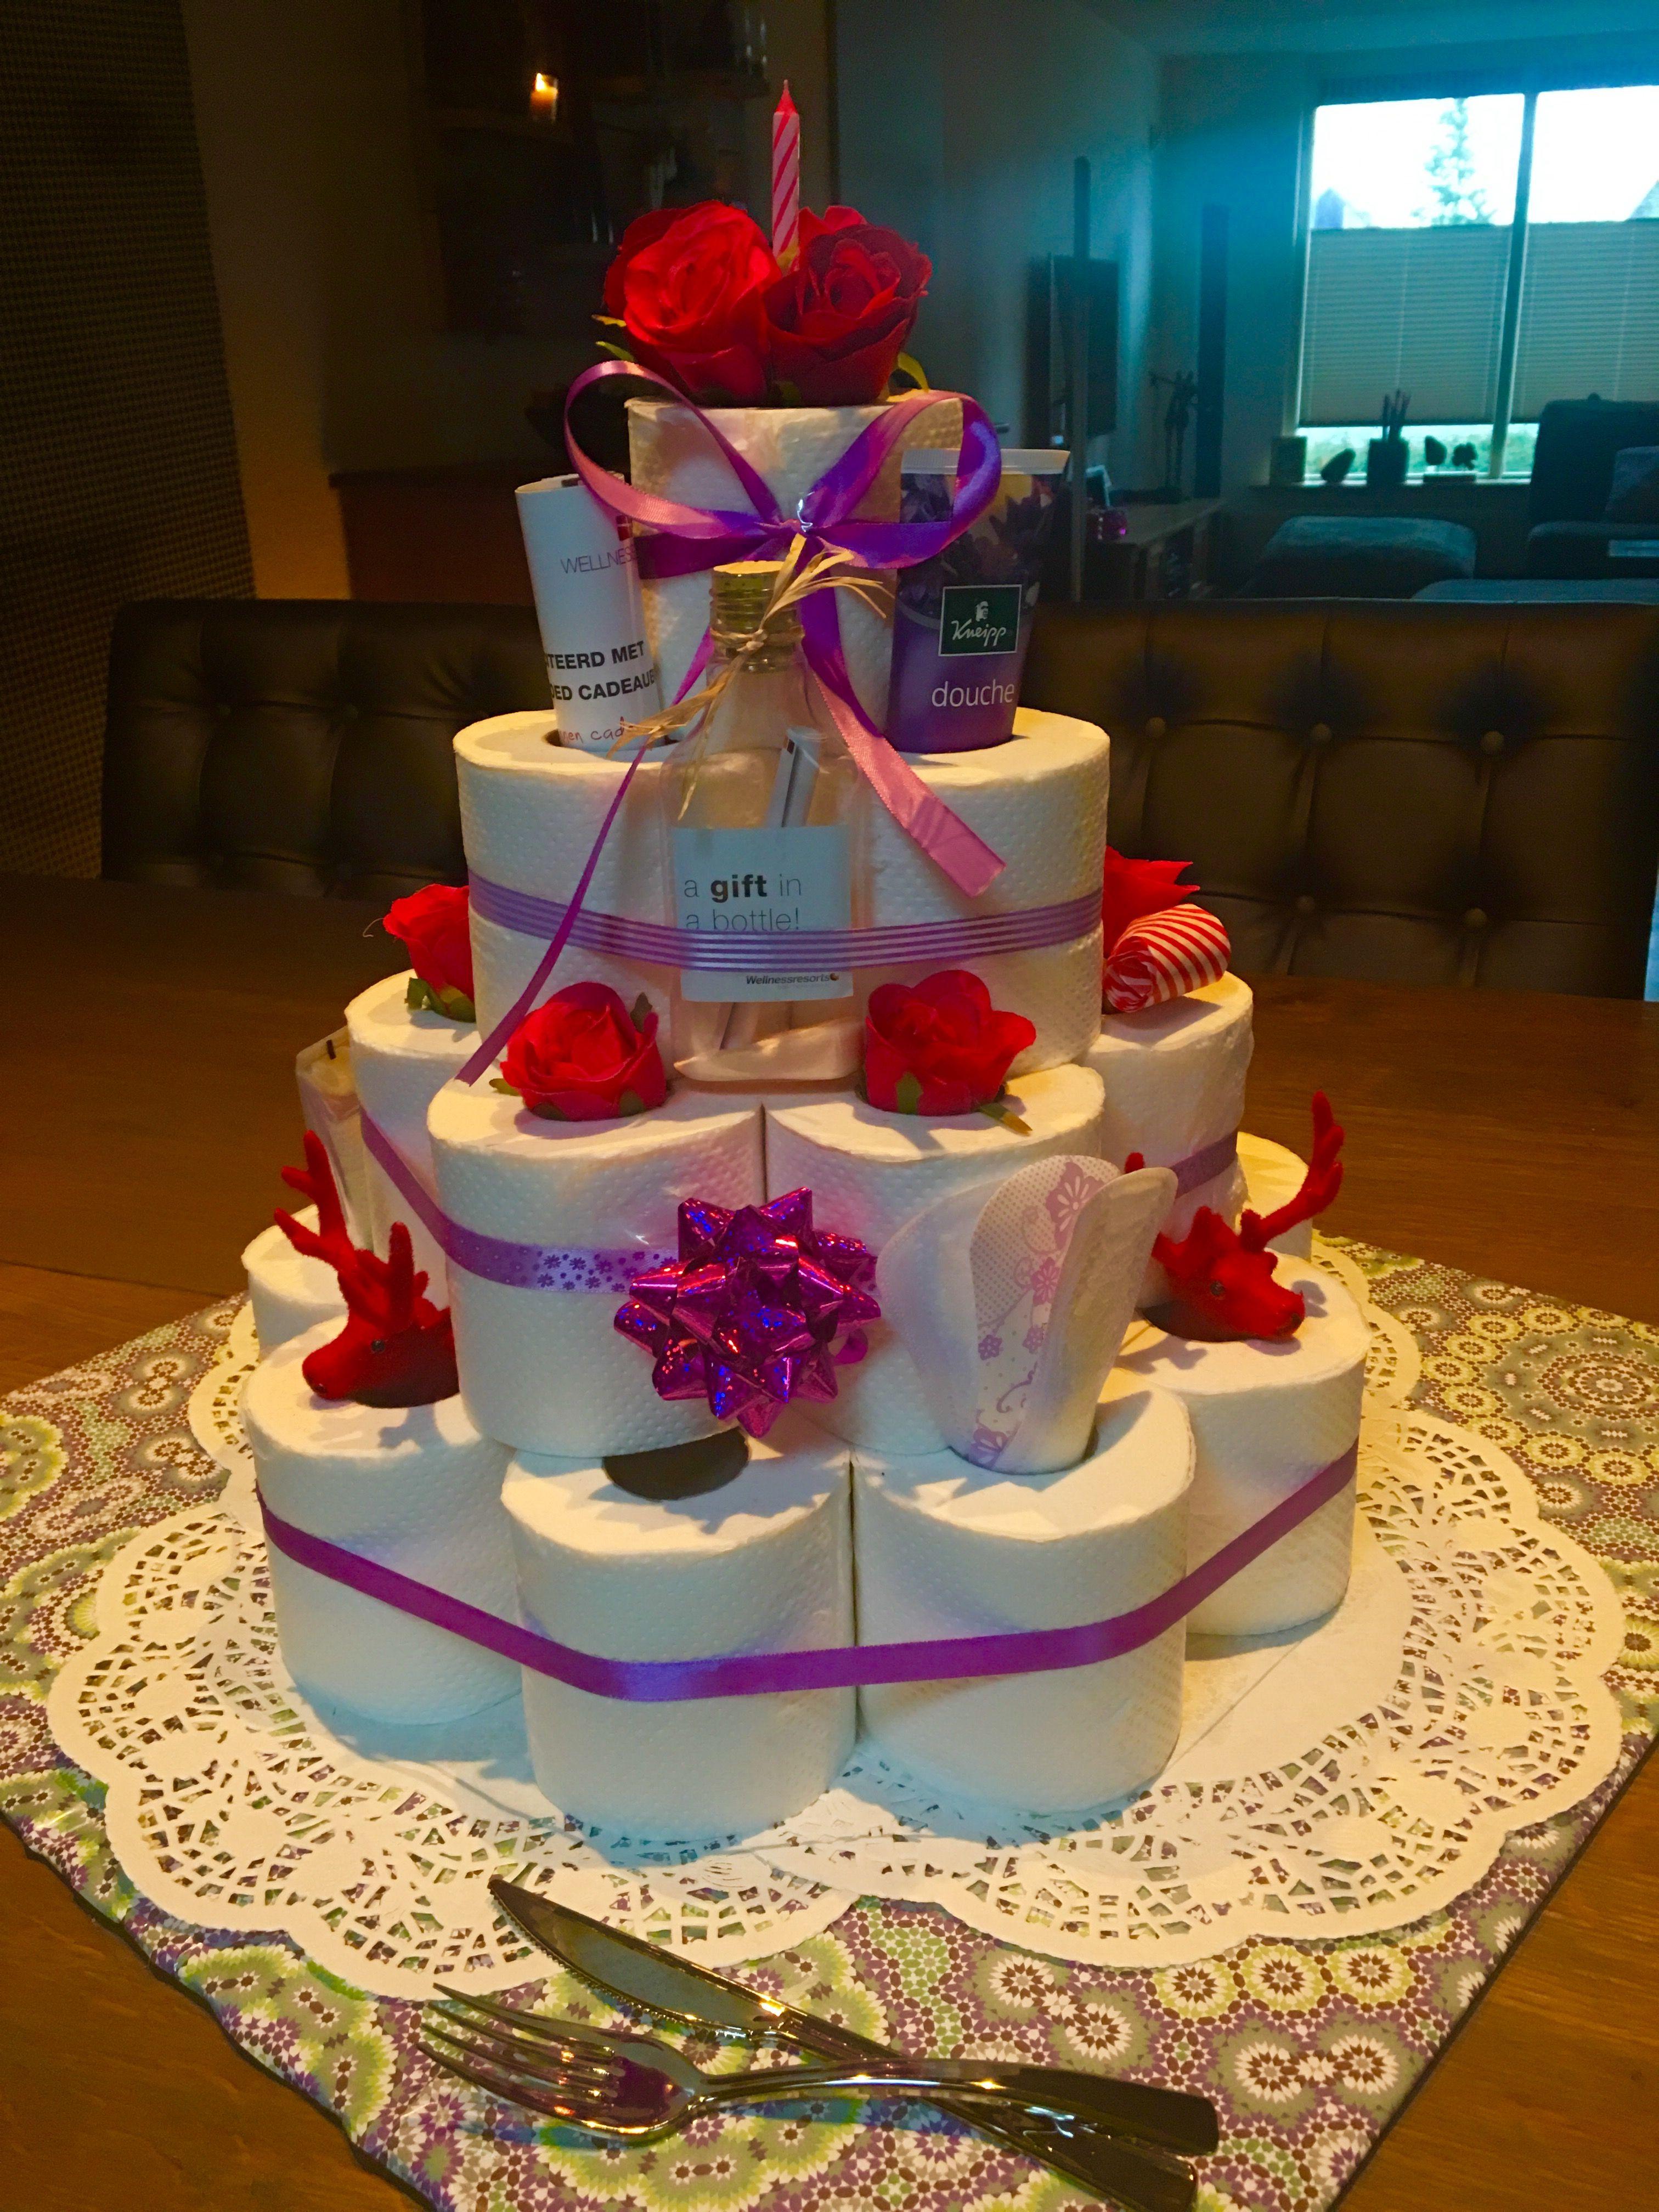 50 jaar sarah cadeautjes Schijt aan mijn leeftijd taart * 50 jaar * Sarah * cadeau | crafts  50 jaar sarah cadeautjes